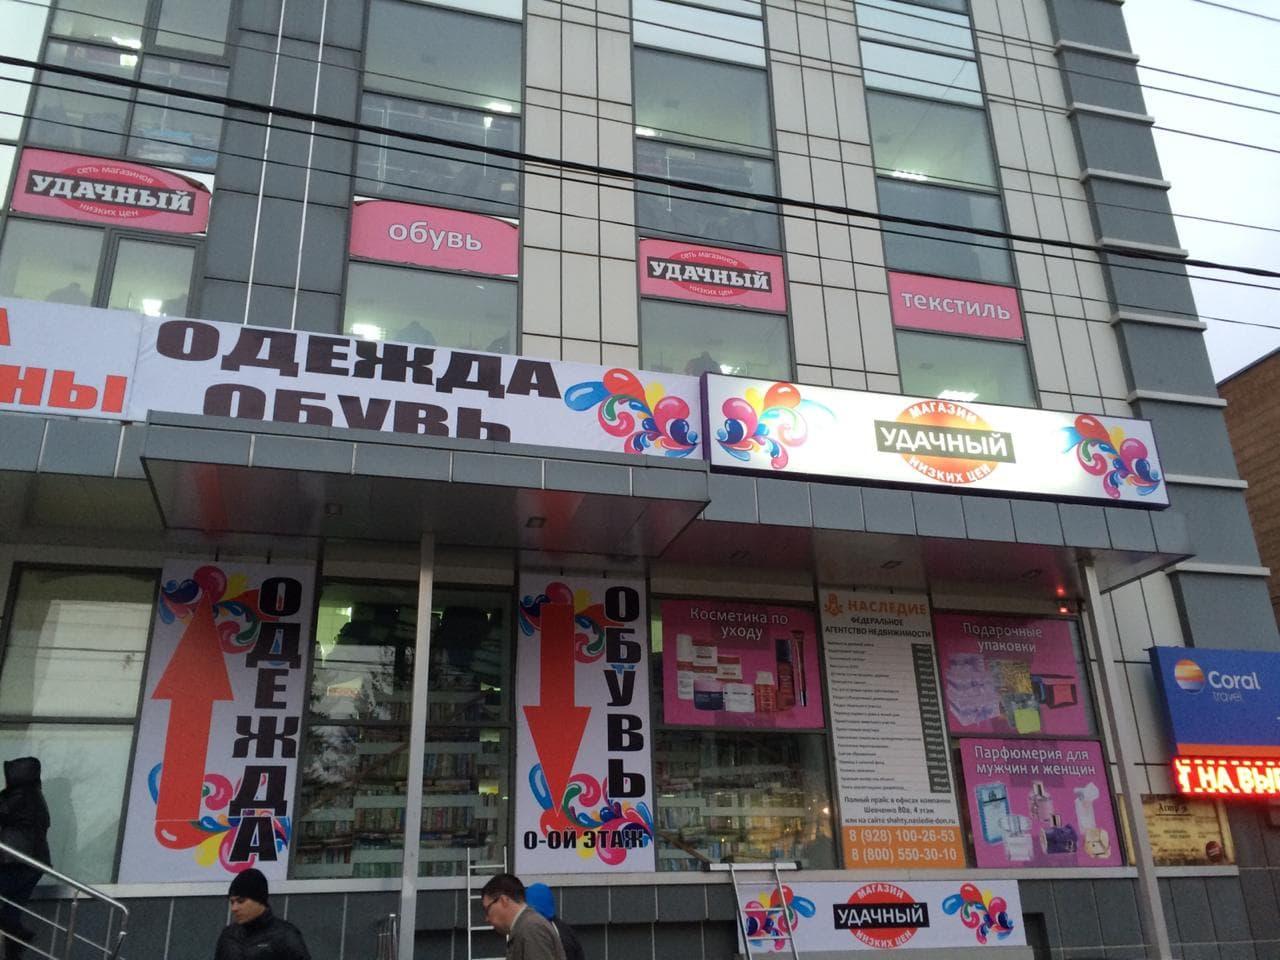 Рекламная вывеска магазина одежды